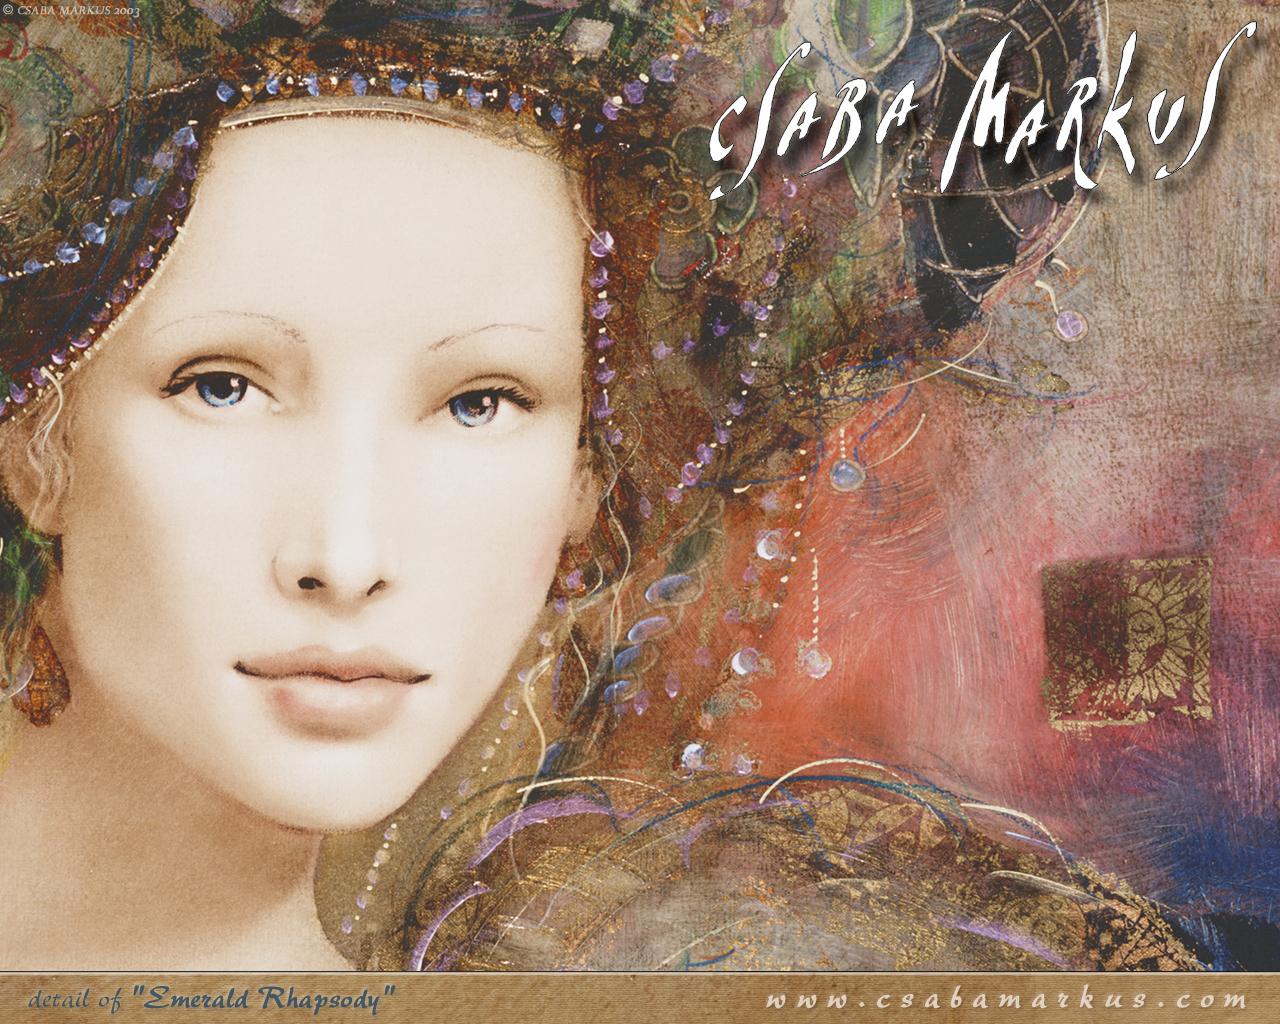 Художник CSABA MARKUS. Вселенную, манящую, умело, Богиню-Женщину он рисовал